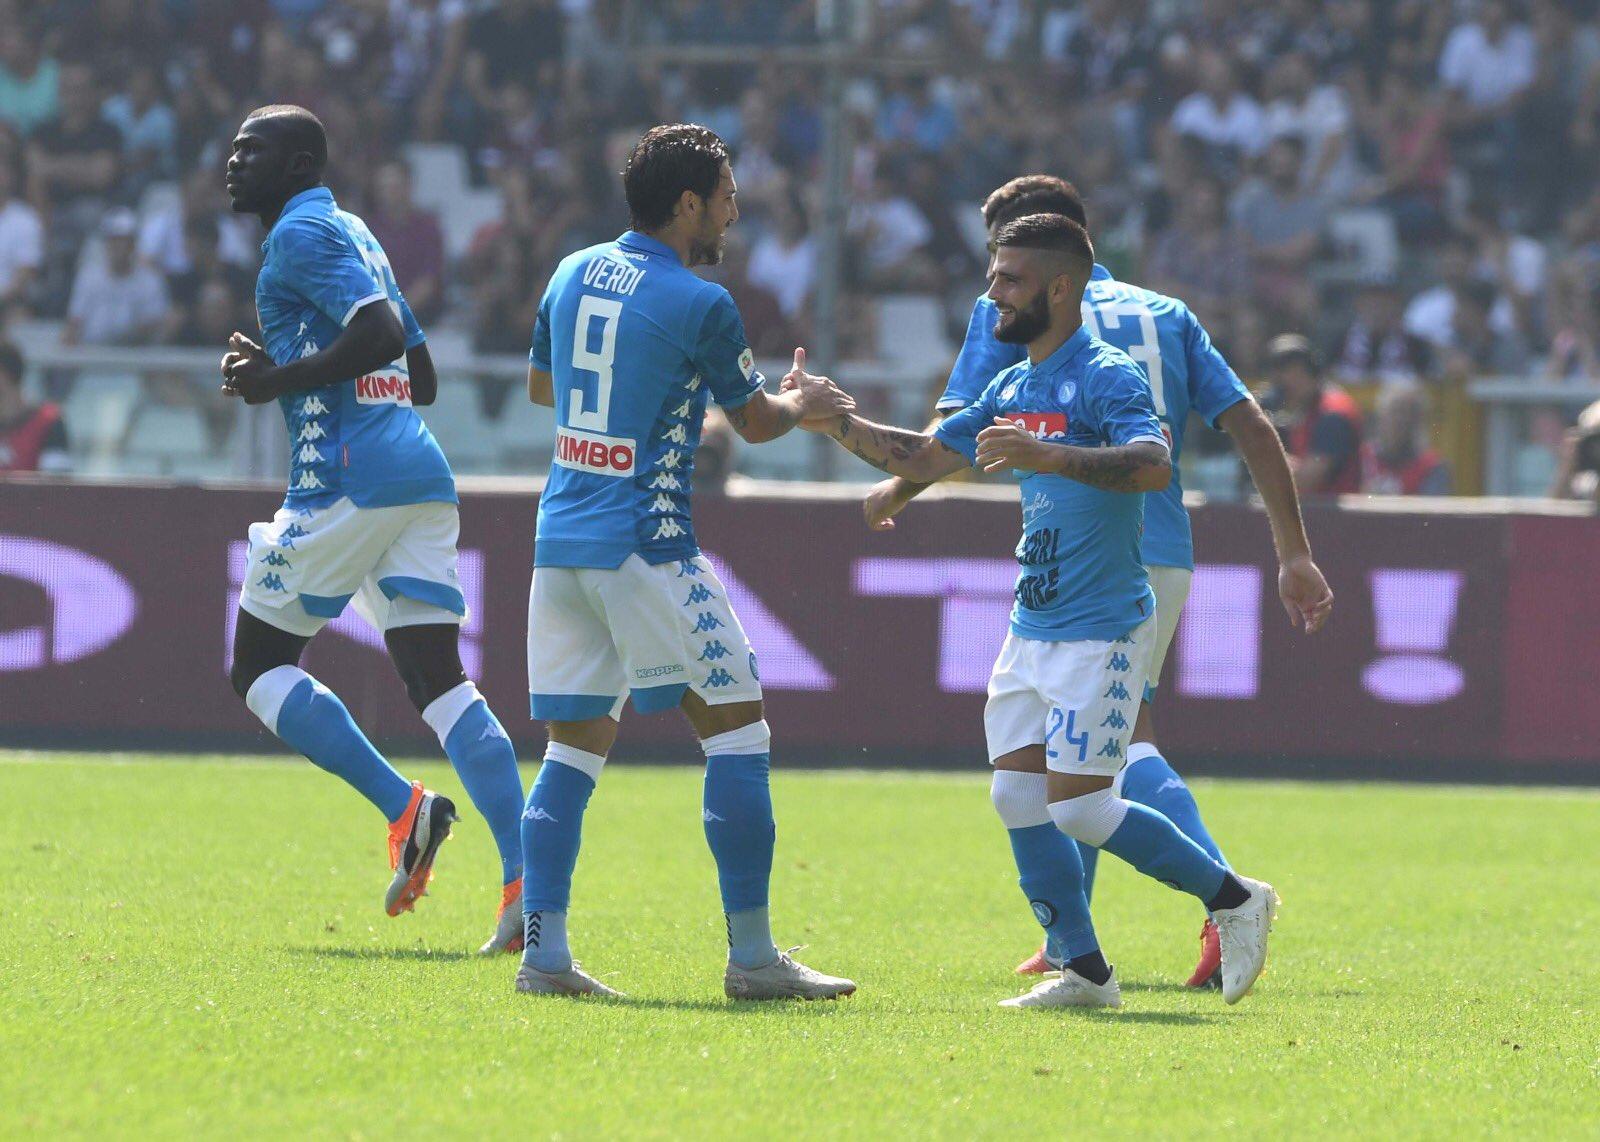 Torino-Napoli 0-2, il primo tempo: azzurri dominanti, in gol Insigne e Verdi